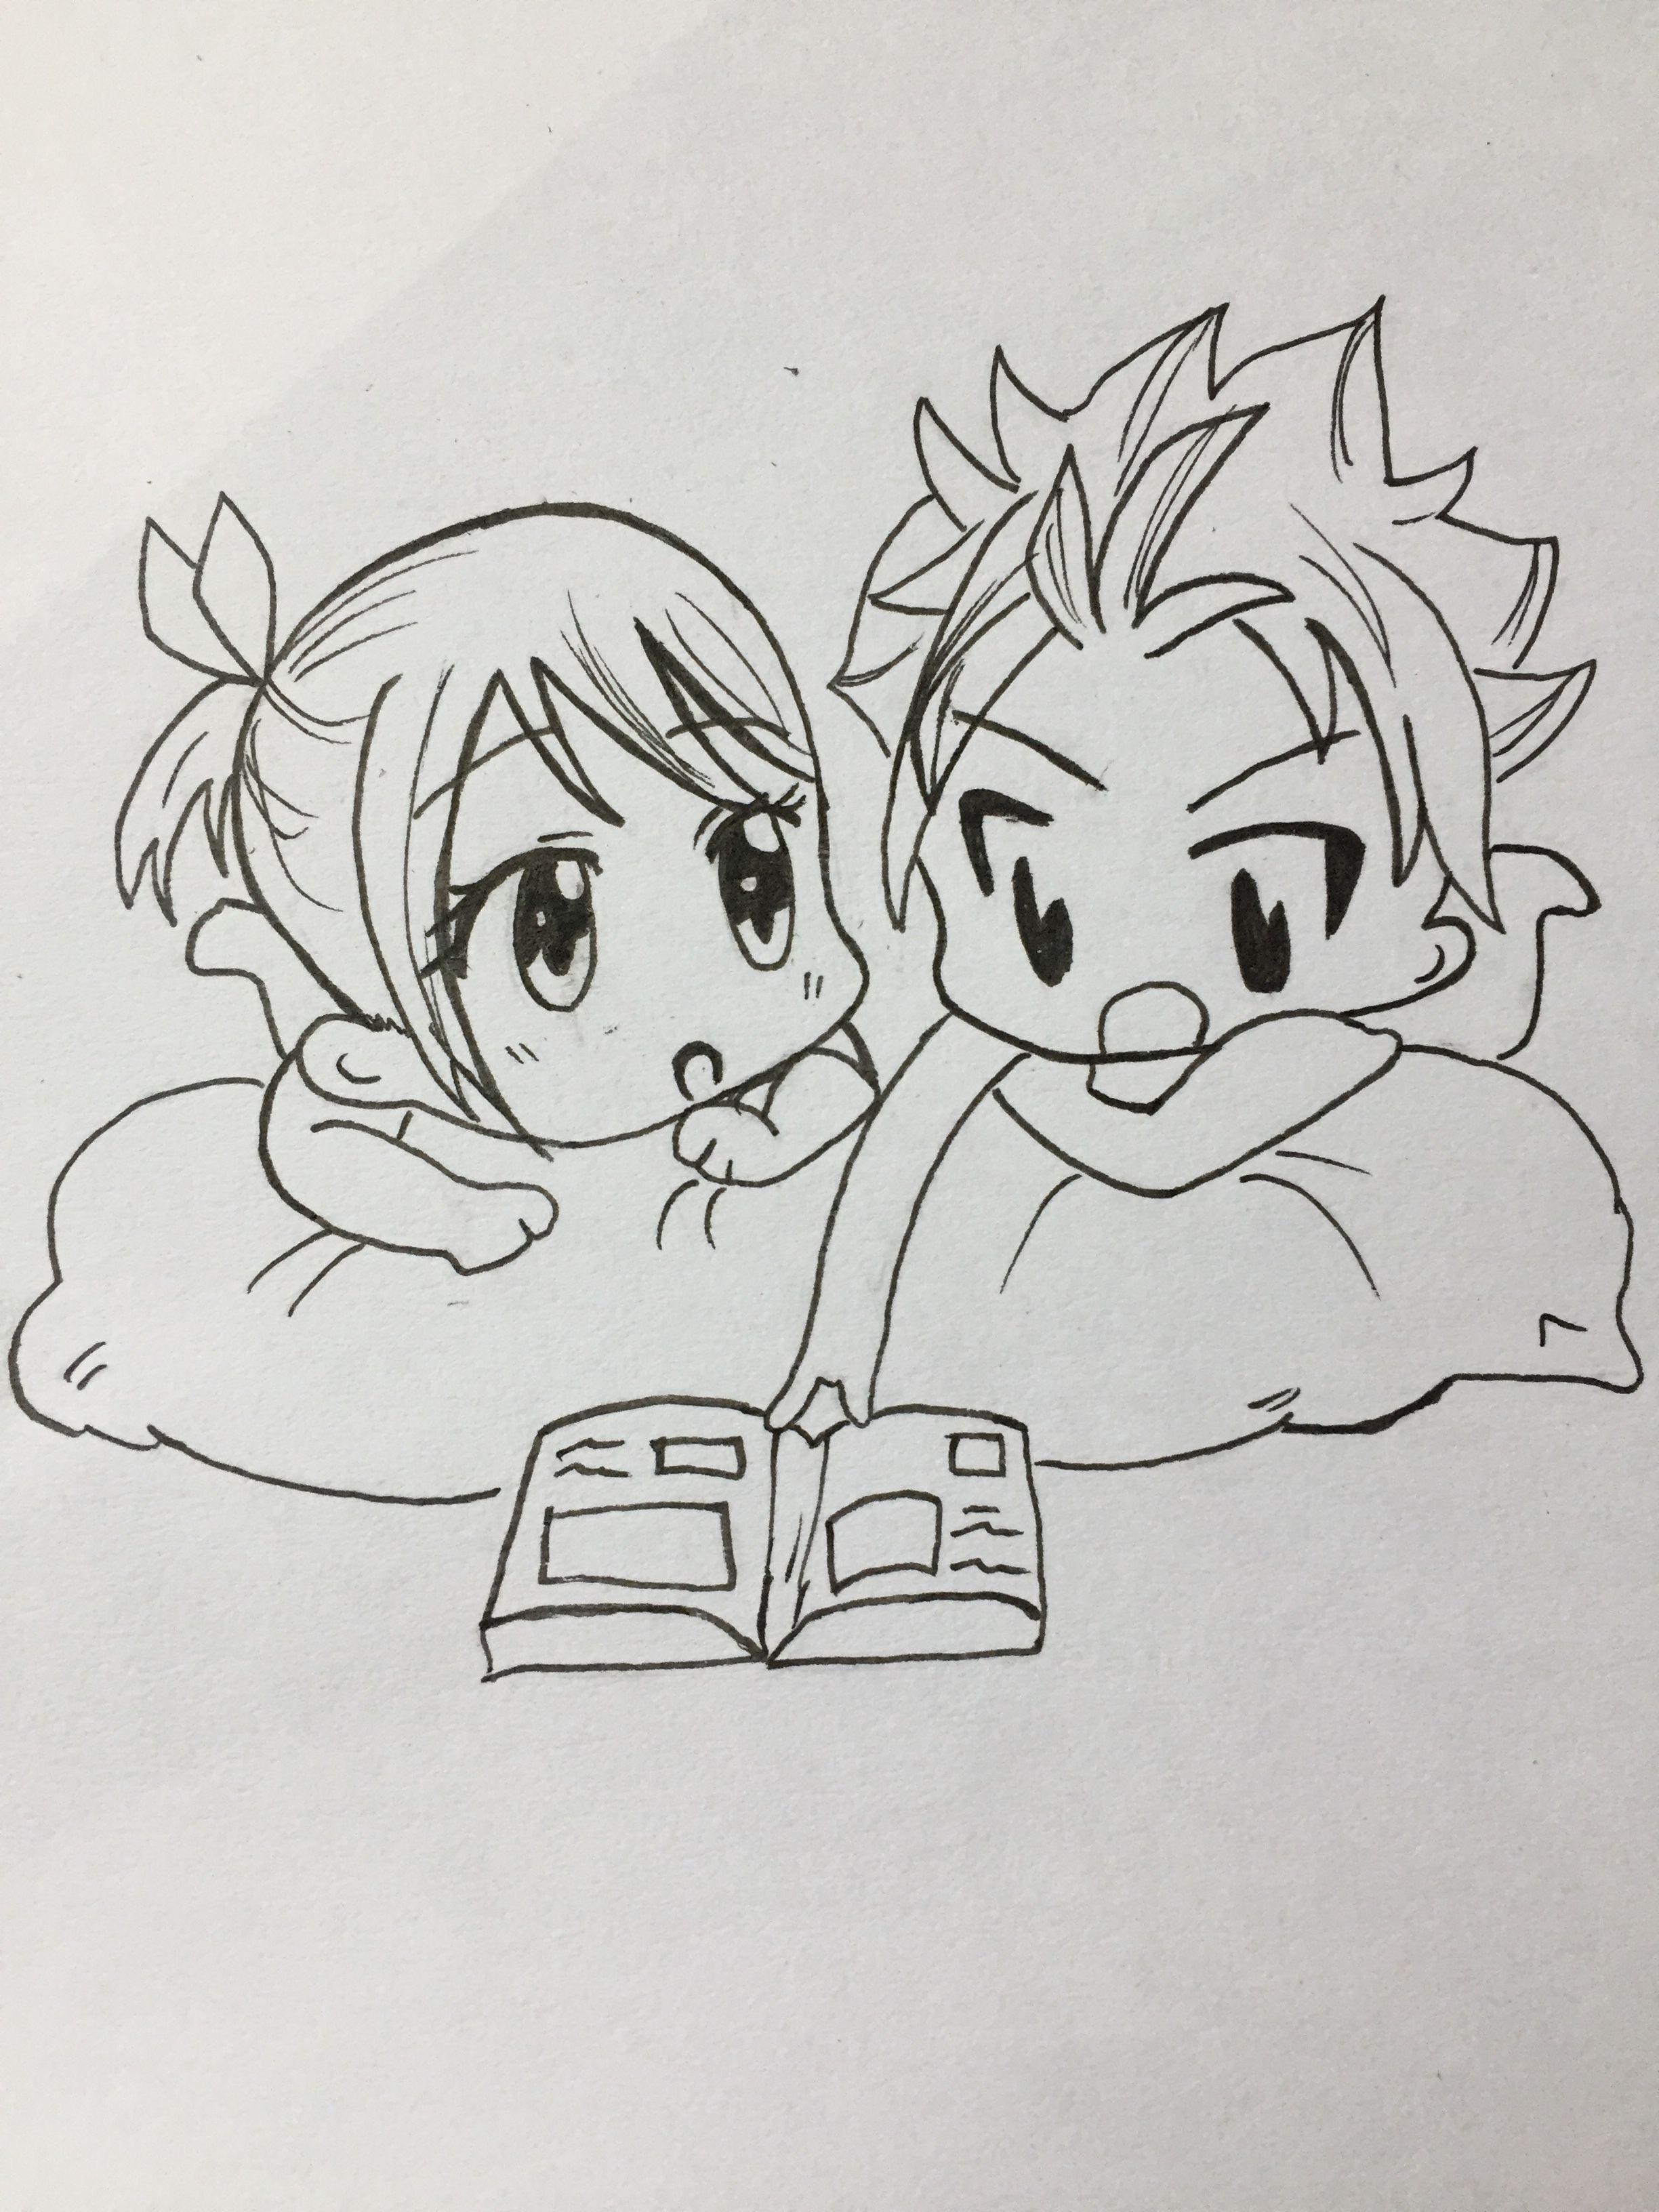 transparent download Tail drawing chibi. Nalu fairytail mangadrawing manga